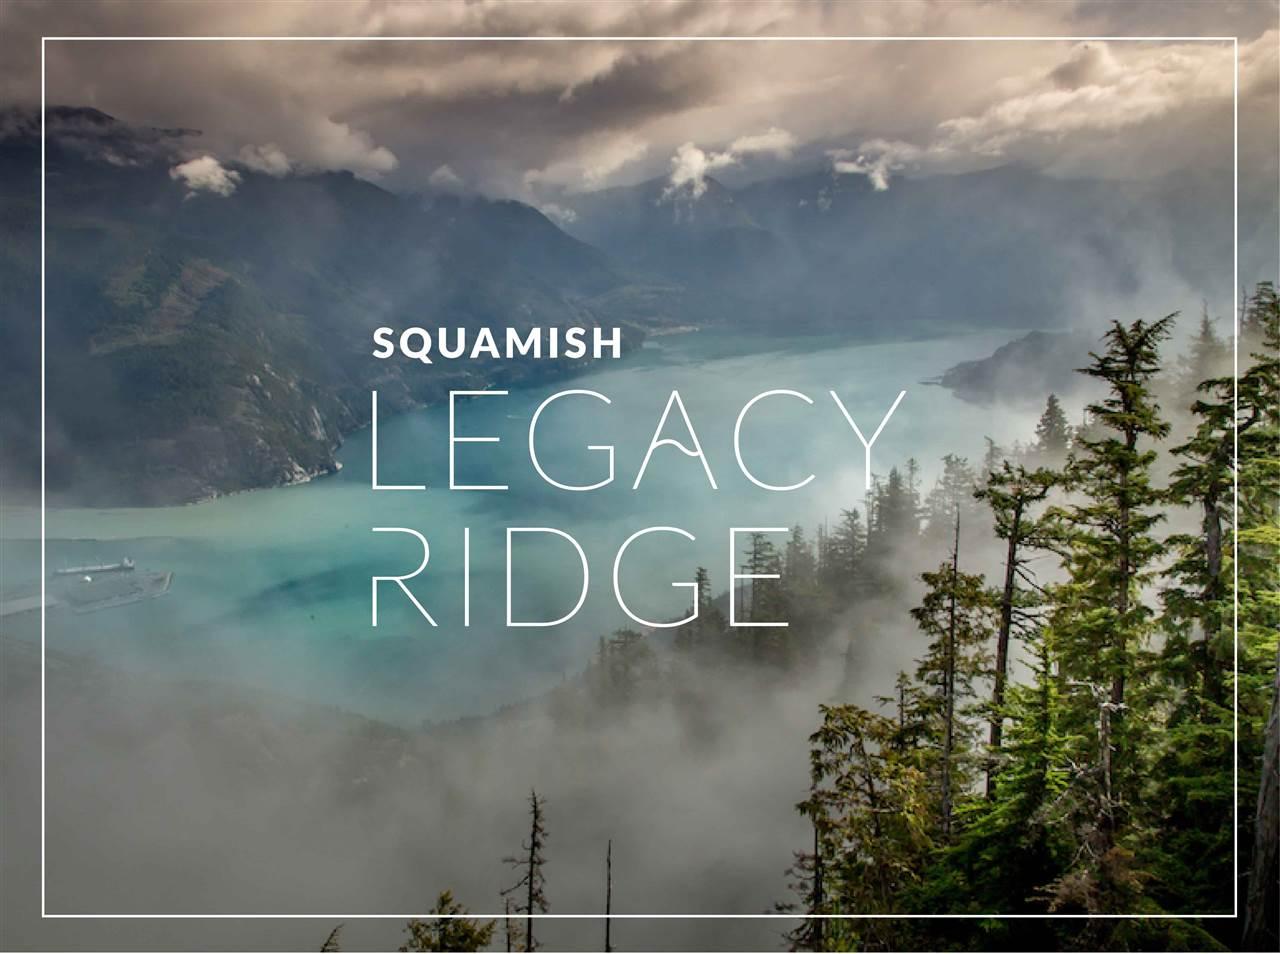 SL-23 LEGACY RIDGE, Squamish